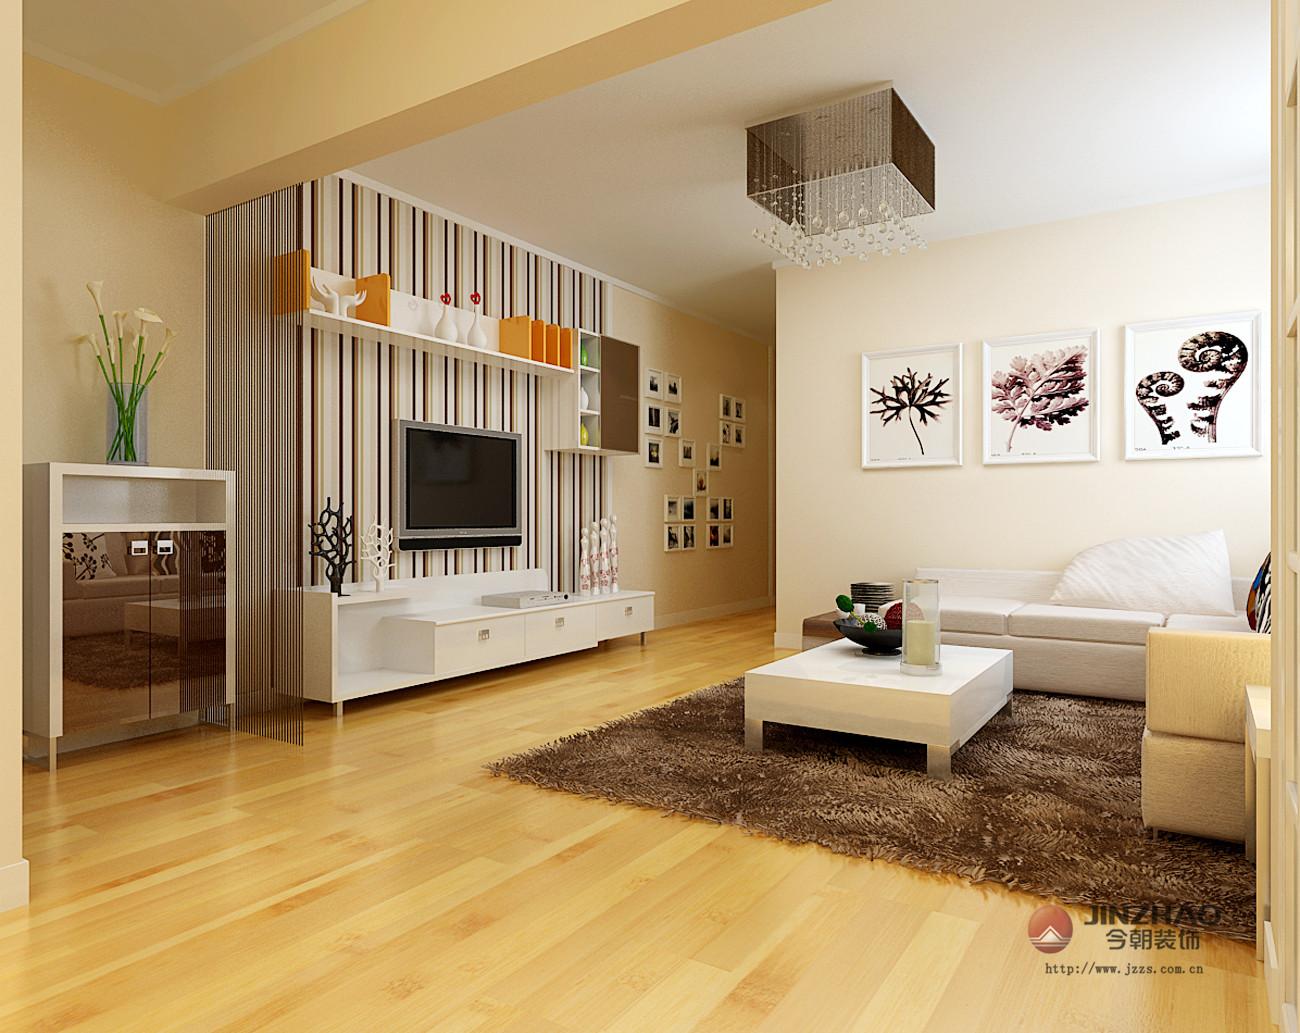 简约 客厅图片来自今朝装饰李海丹在兆丰园的分享